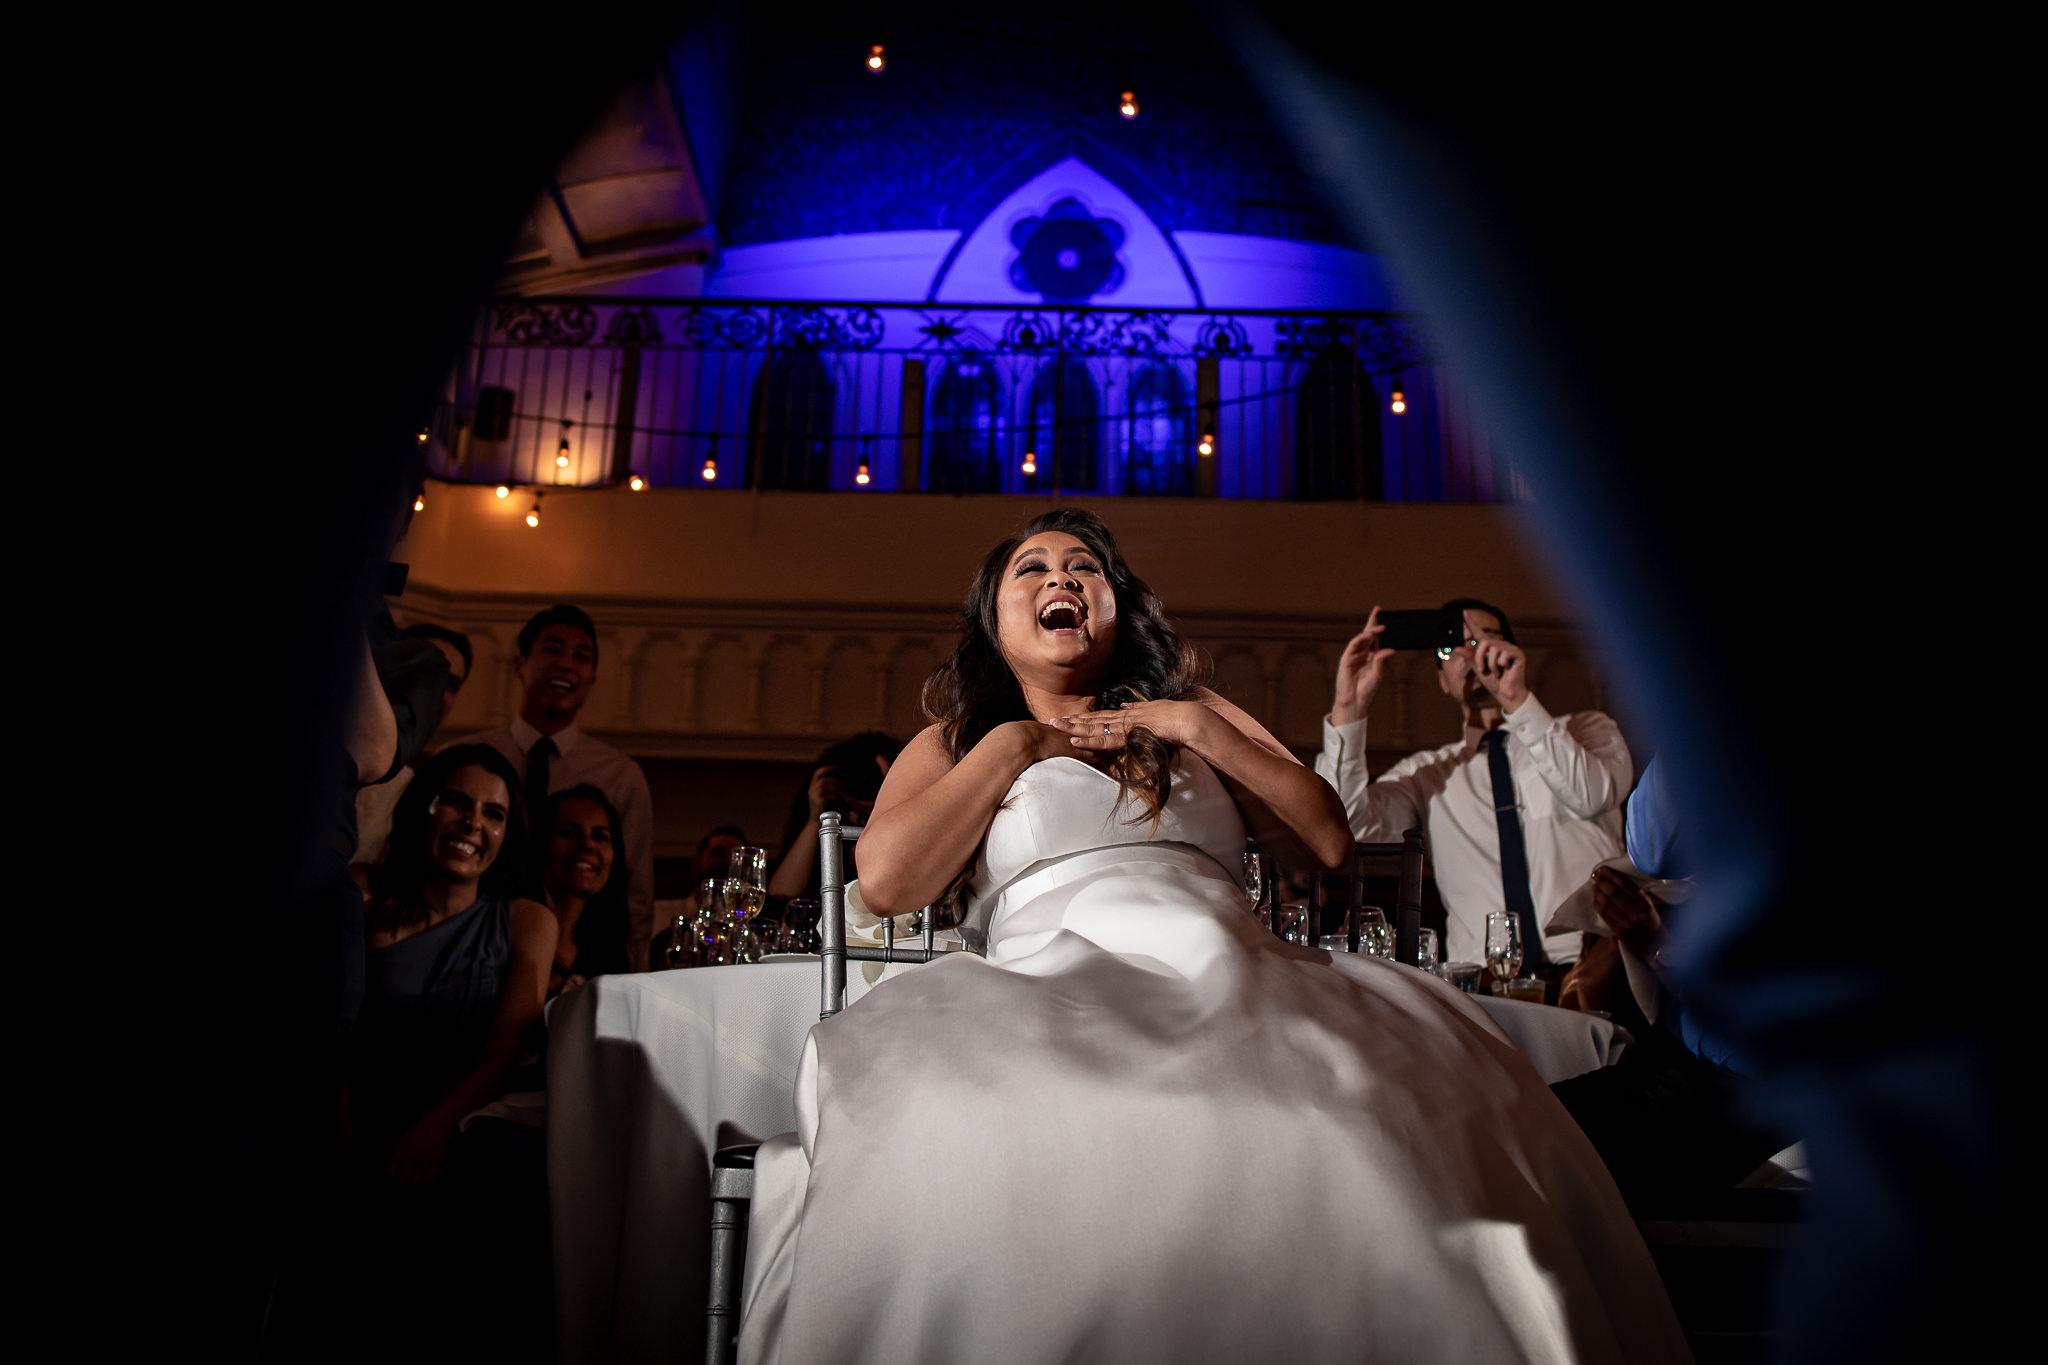 berkeley-wedding-photos-60.jpg